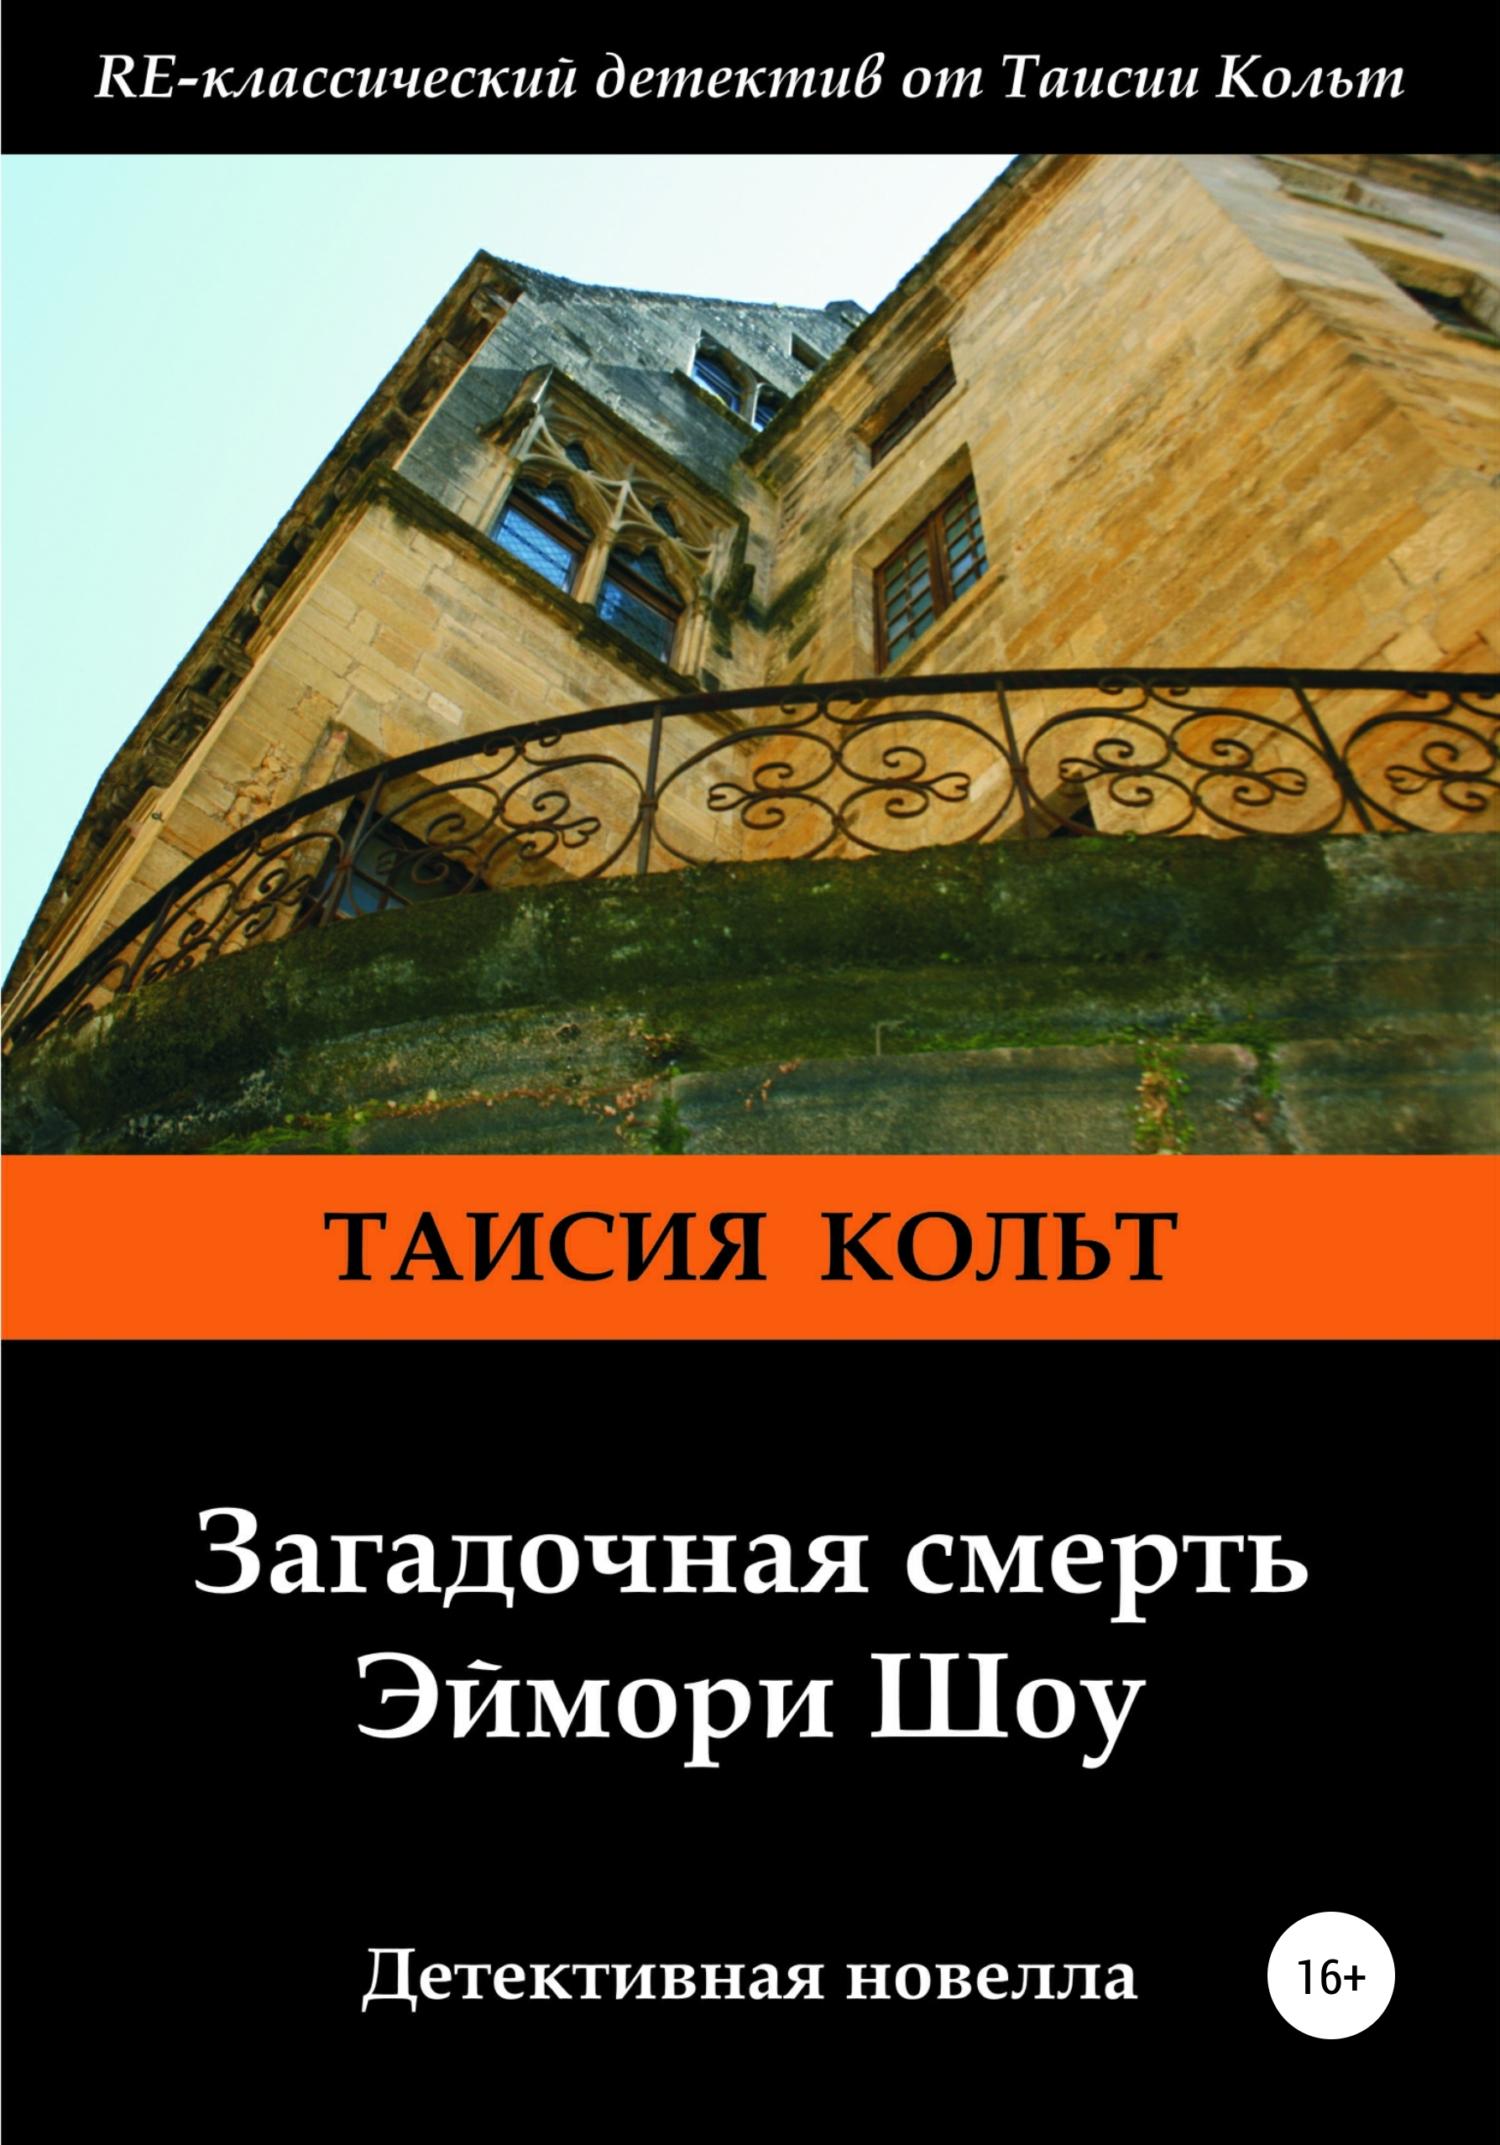 Таисия Кольт «Загадочная смерть Эймори Шоу»